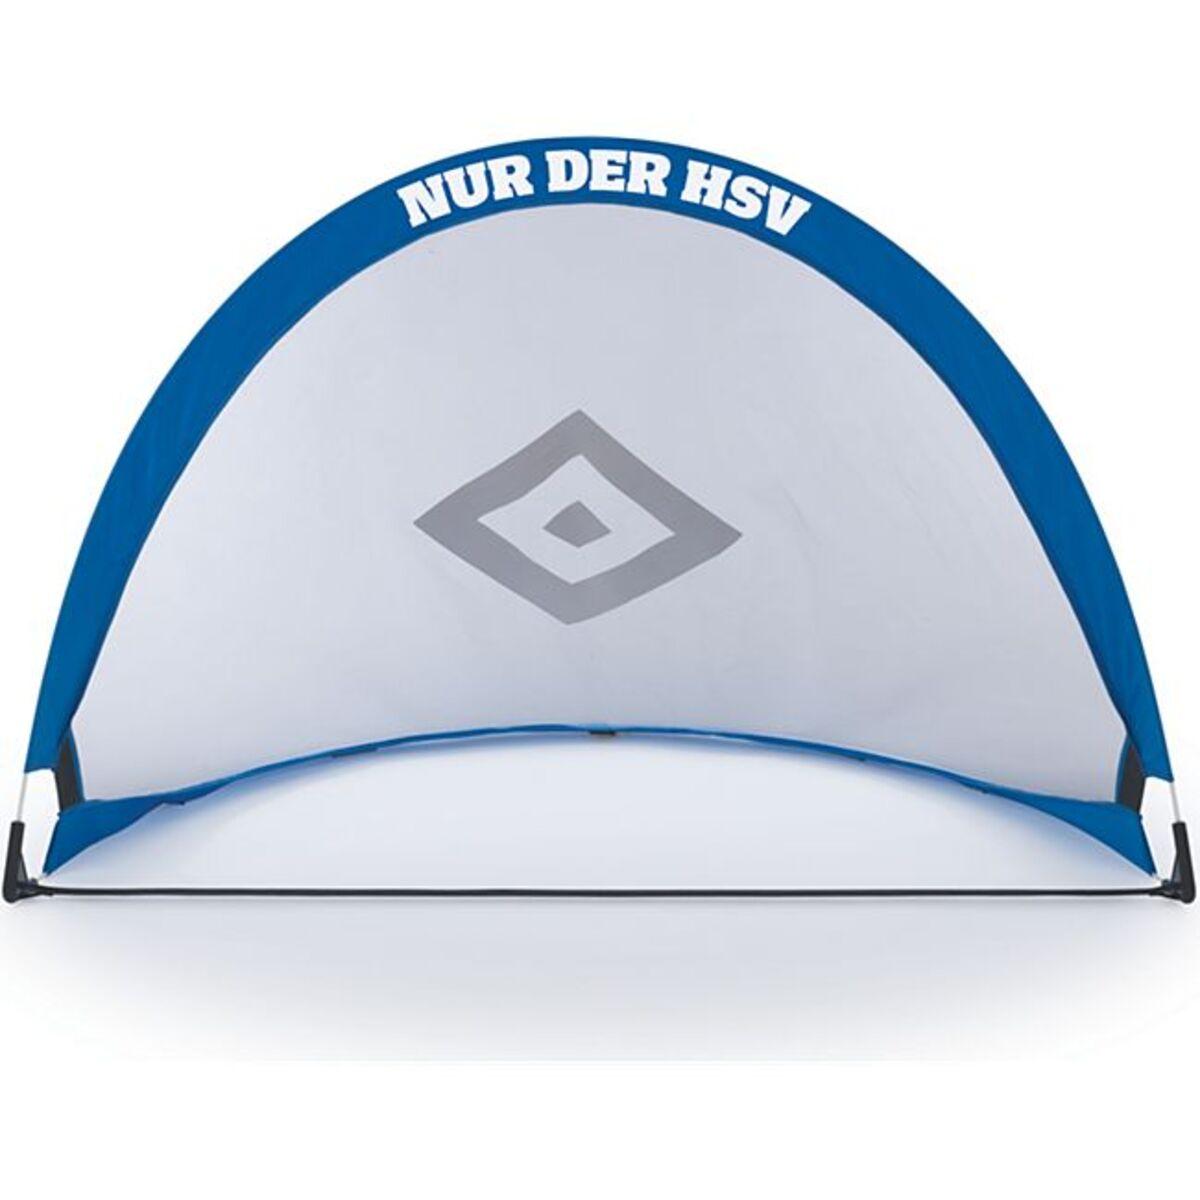 Bild 1 von HSV Fußballtor faltbar blau/weiß/schwarz mit Logo